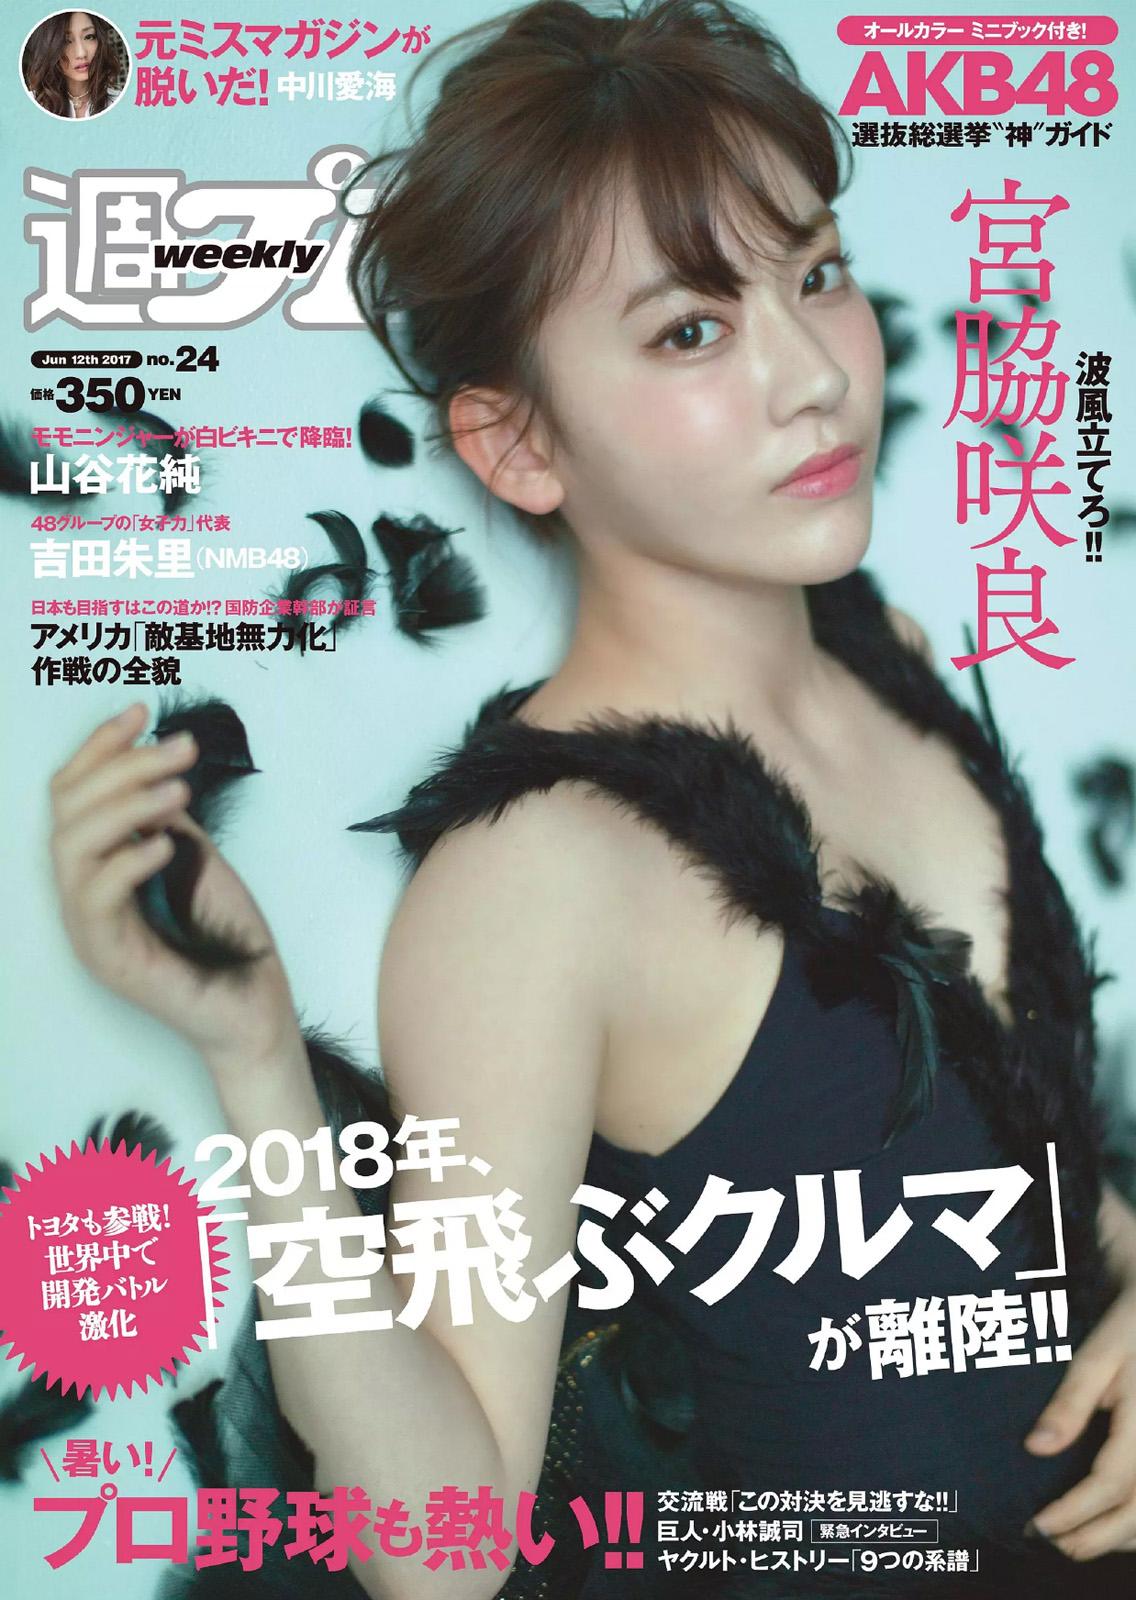 Miyawaki Sakura 宮脇咲良 HKT48, Weekly Playboy 2017.06.12 No.24 (週刊プレイボーイ 2017年24号)